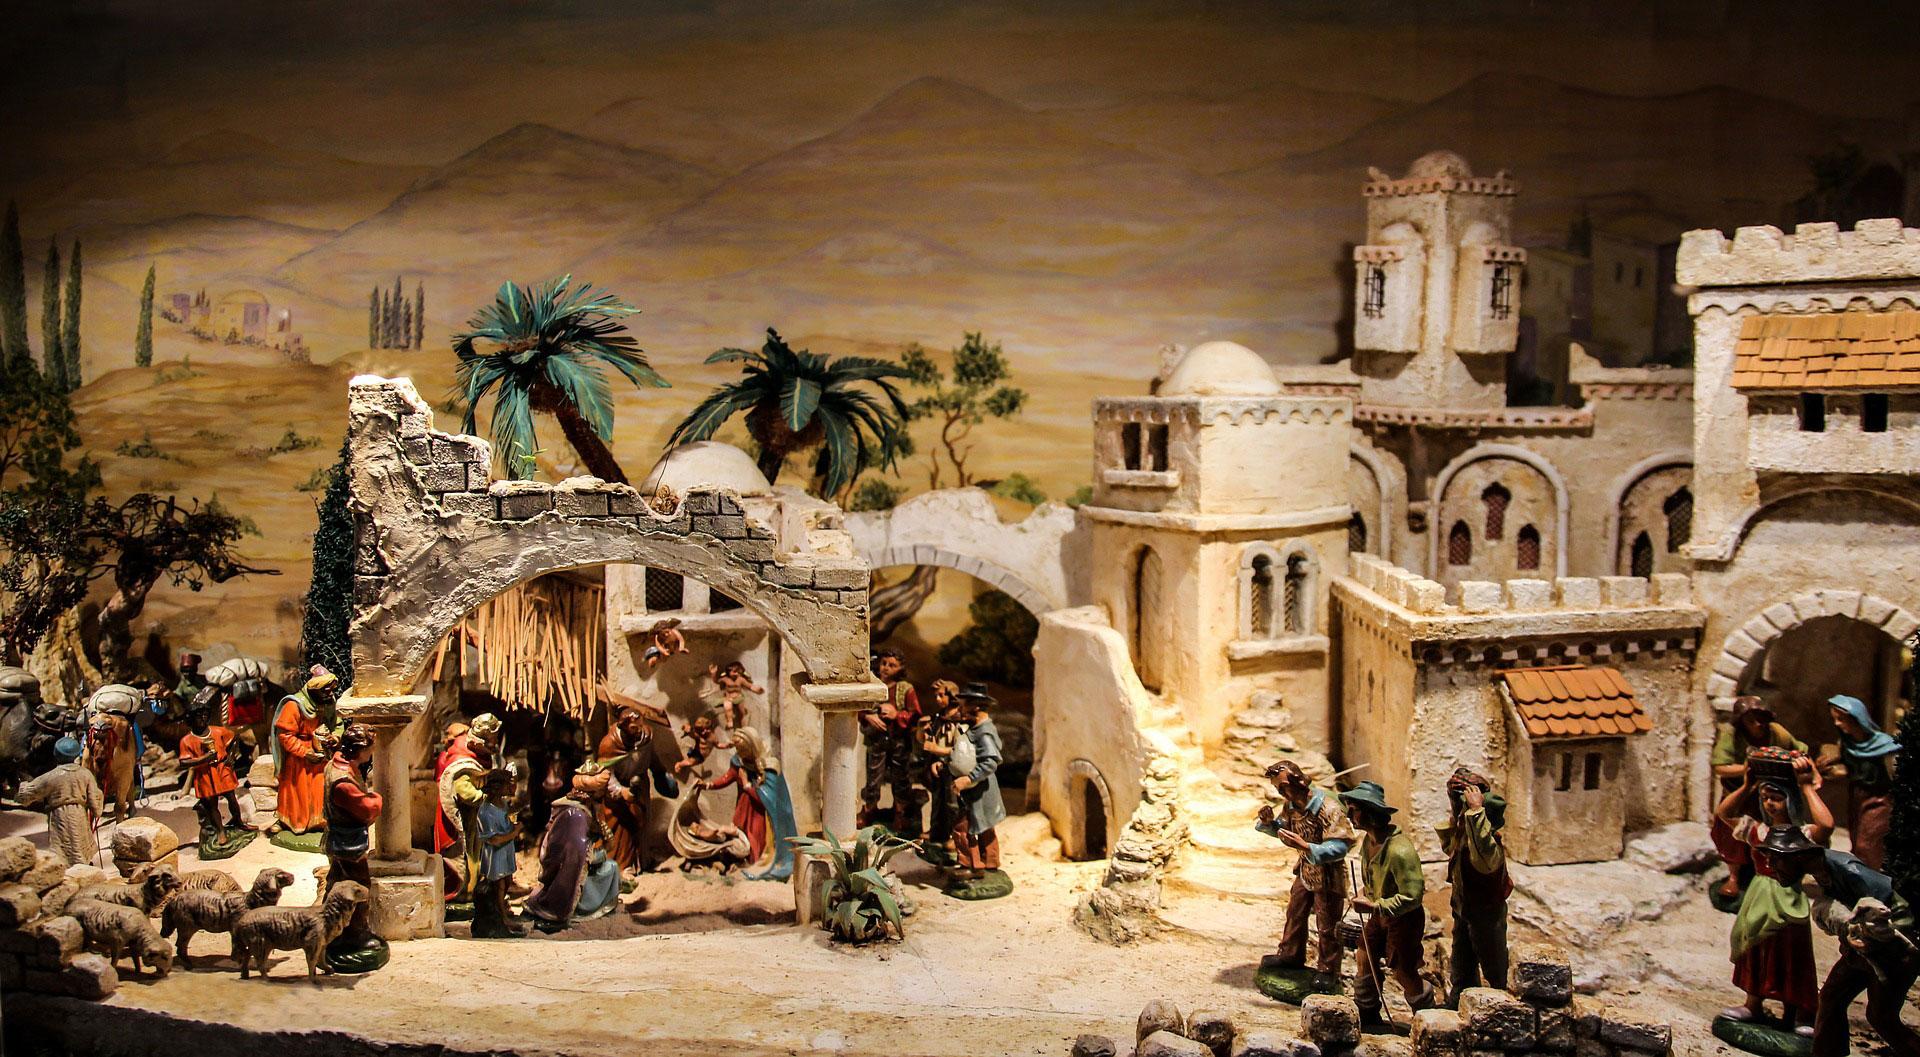 вертепы, presepi, italia, italy, napoli, Cuciniello, Greccio, Torino, Manarola, Rimini, nativity, Crèches, Noël, pesebres, Krippenspiele